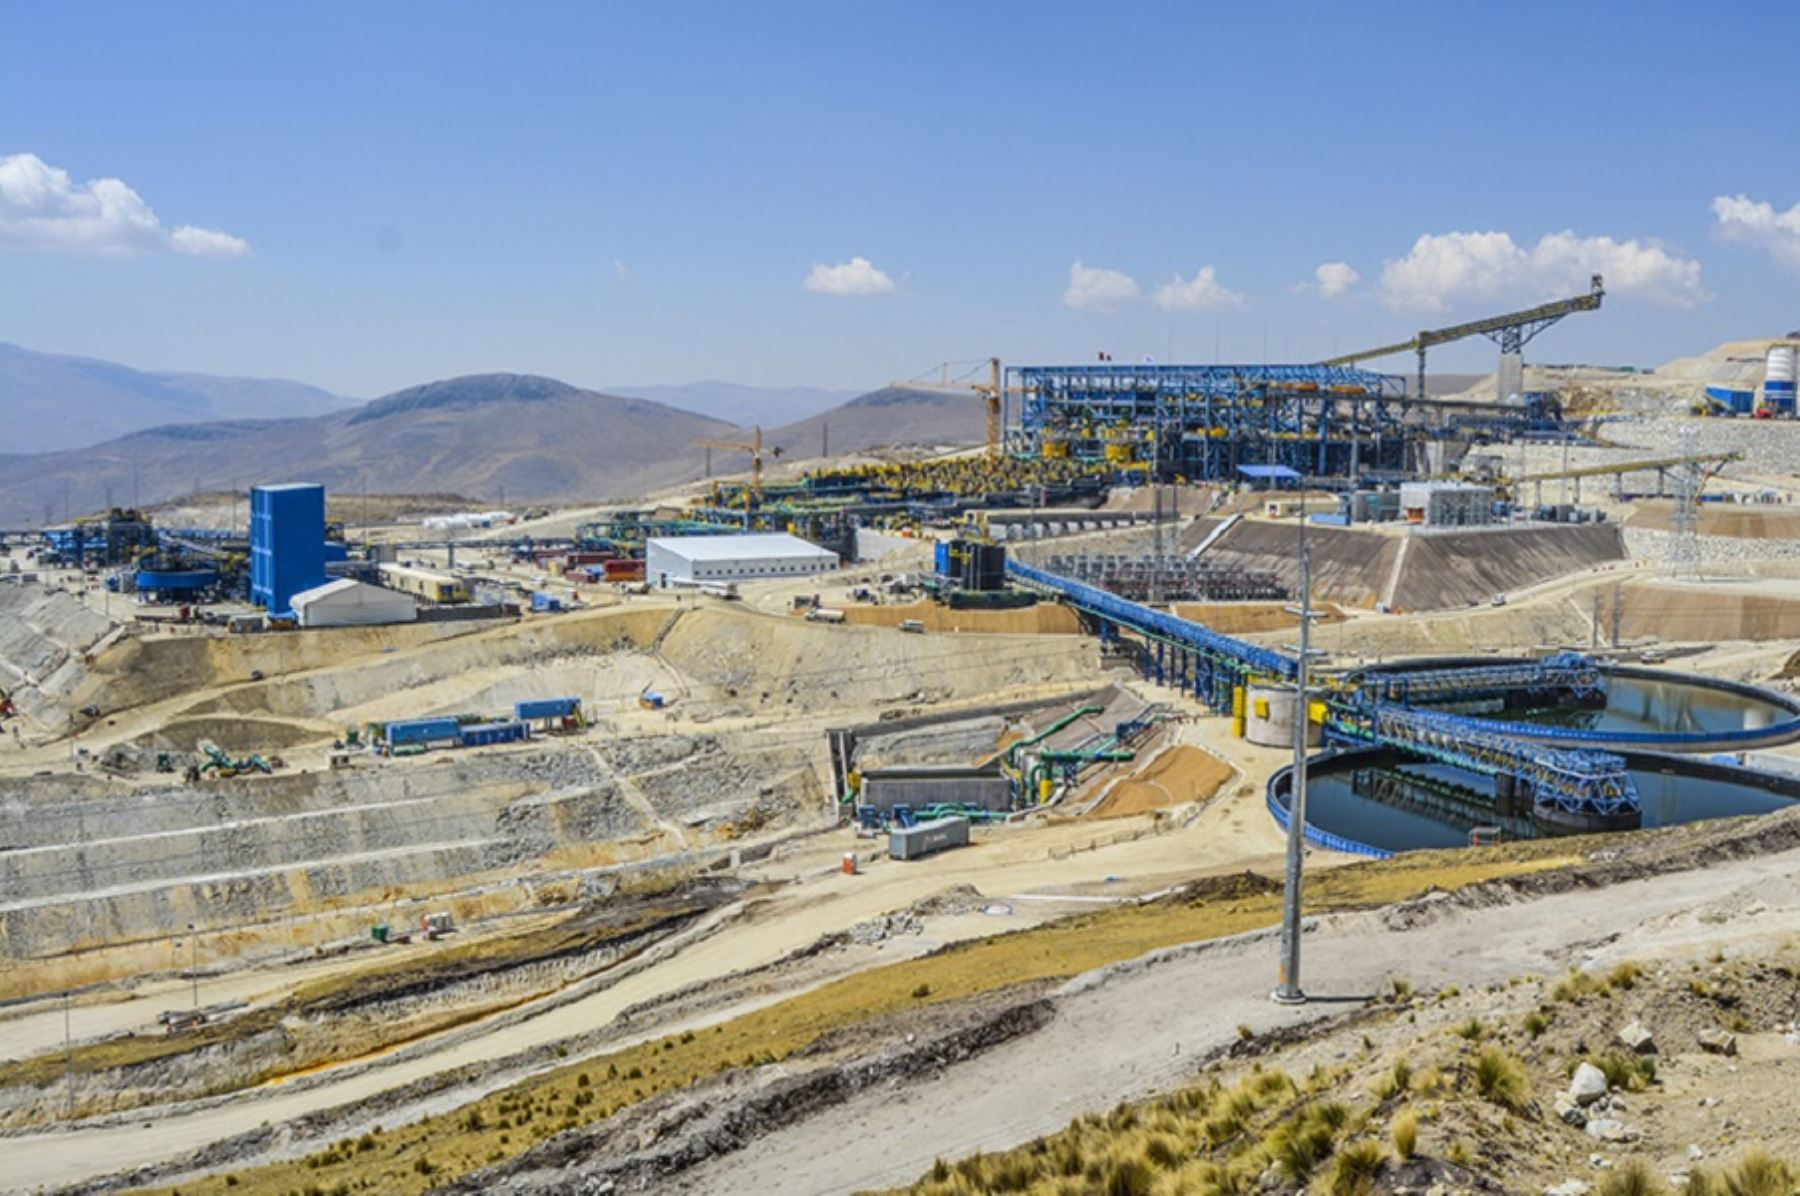 Infraestructura de procesamiento minero. Foto: Cortesía.